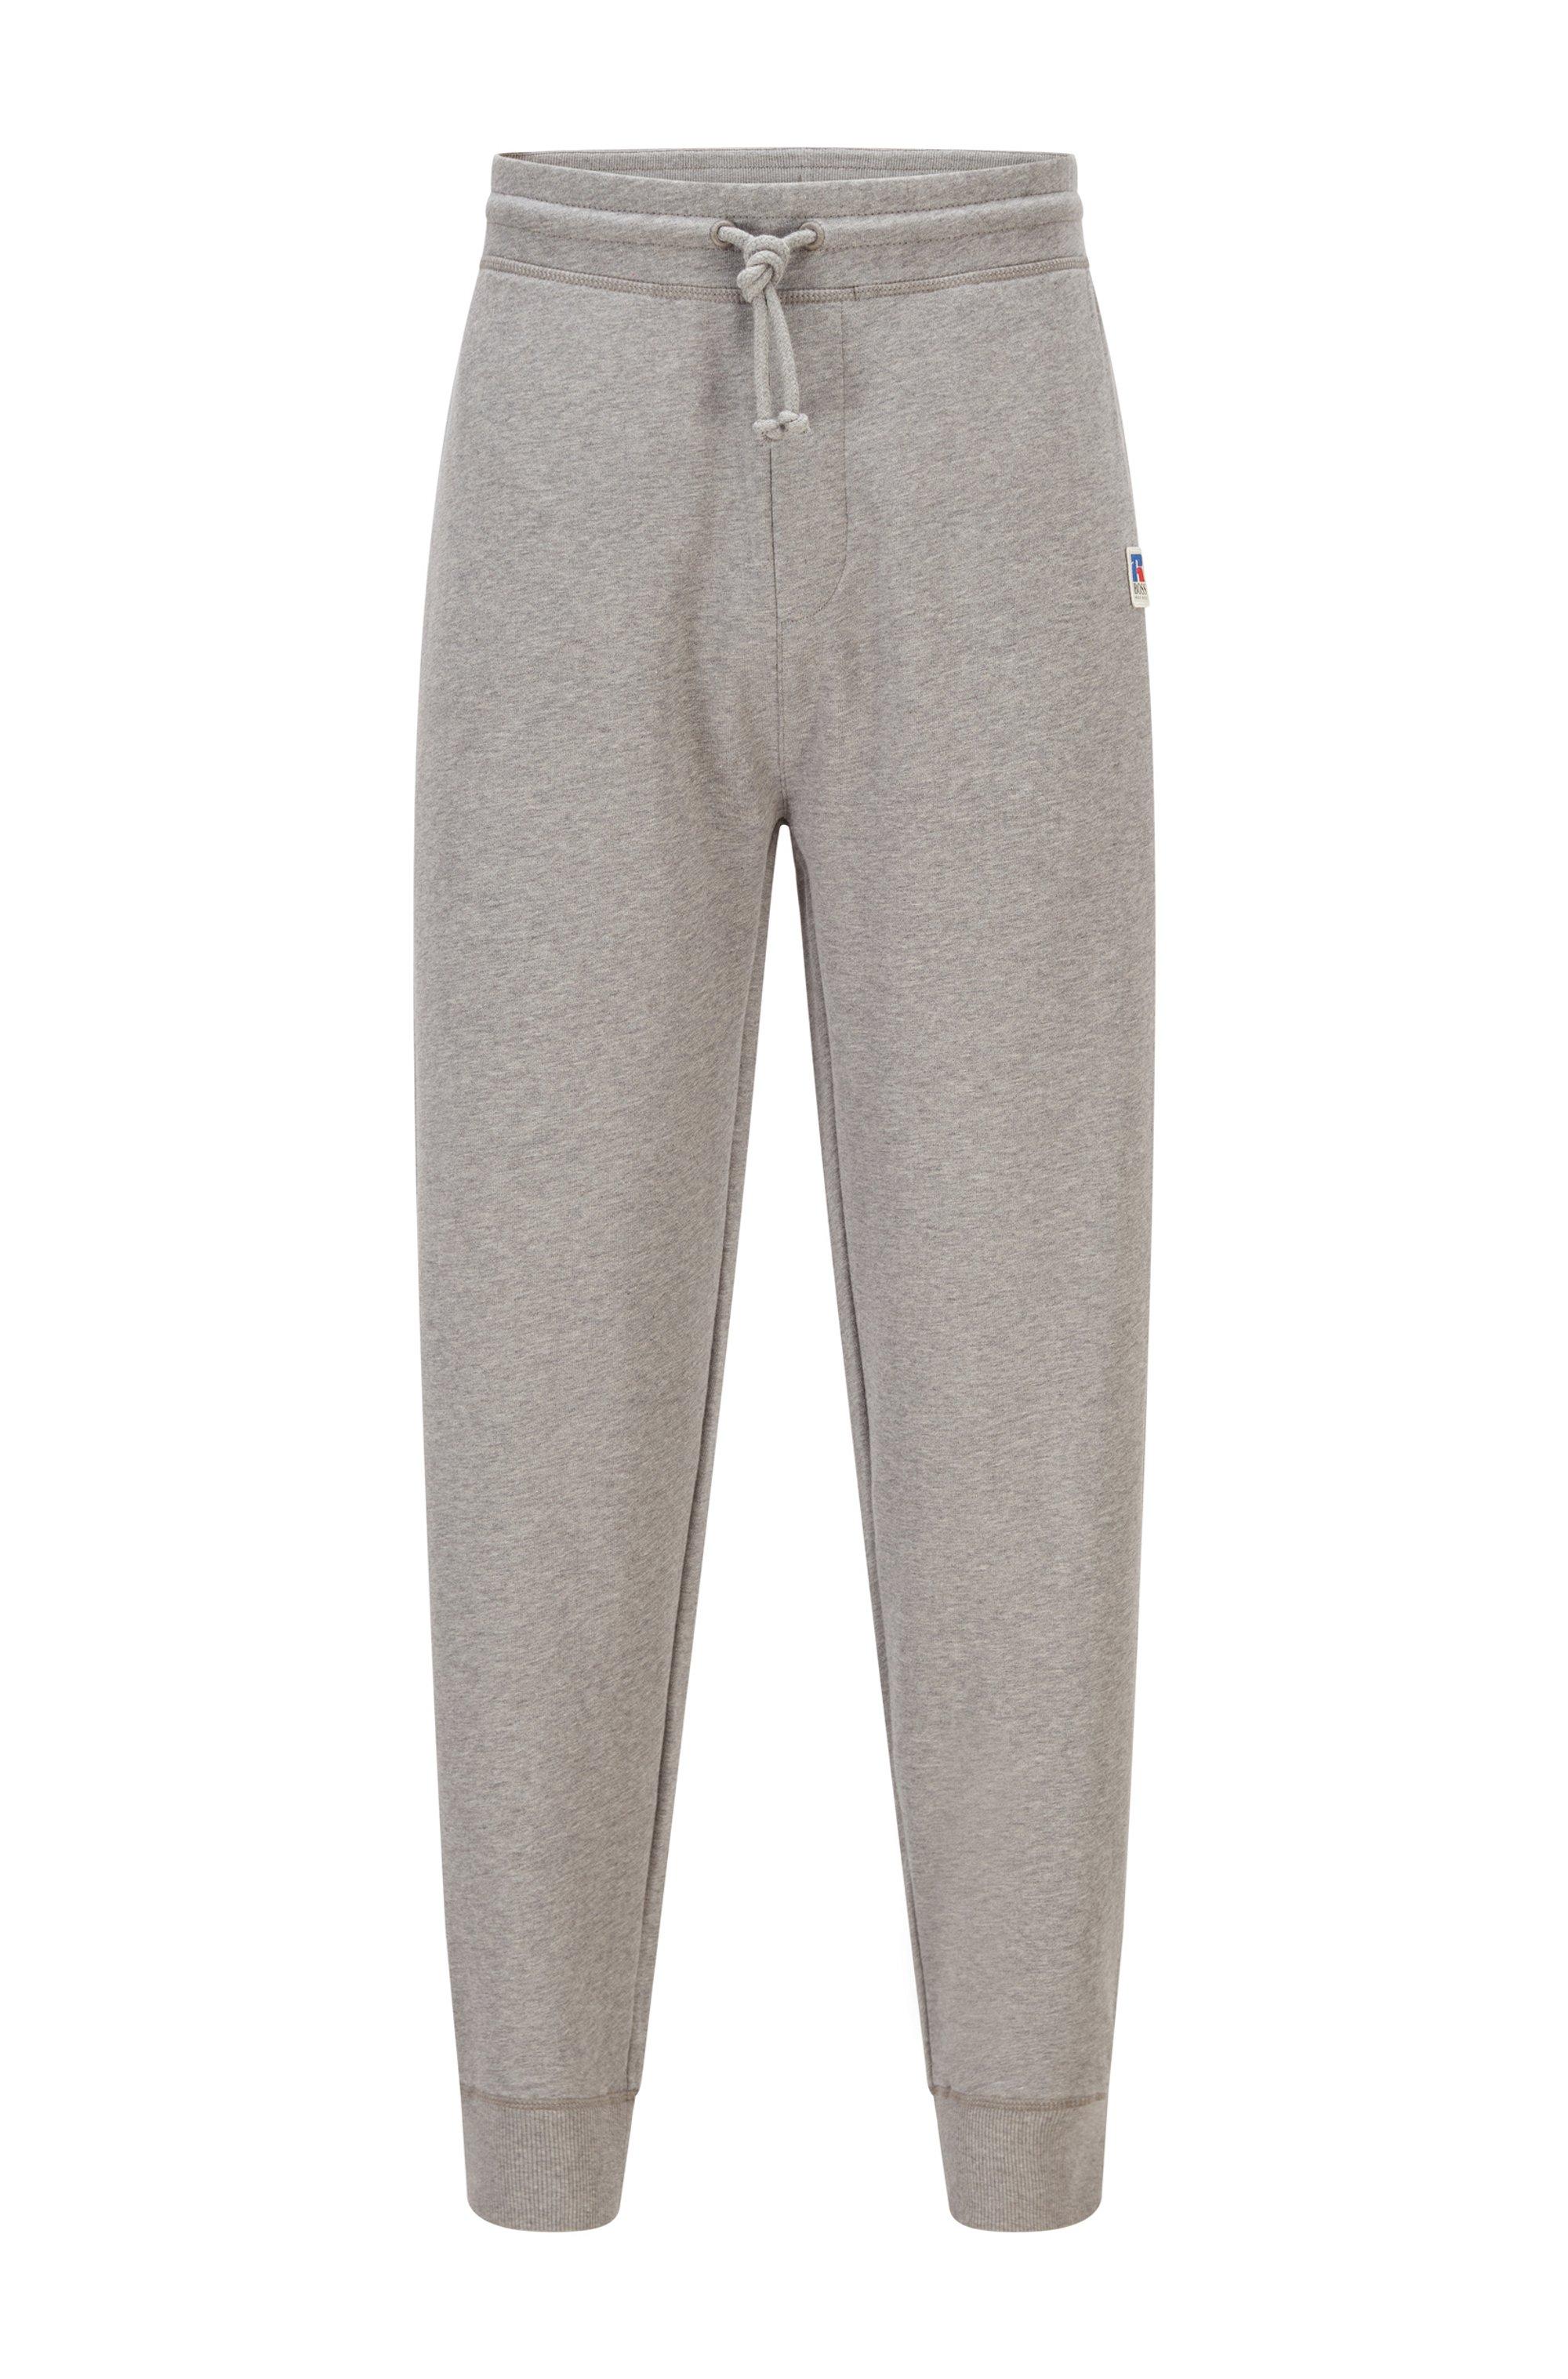 Pantalones de chándal elaborados en algodón orgánico con un logo exclusivo y puños en los bajos, Gris